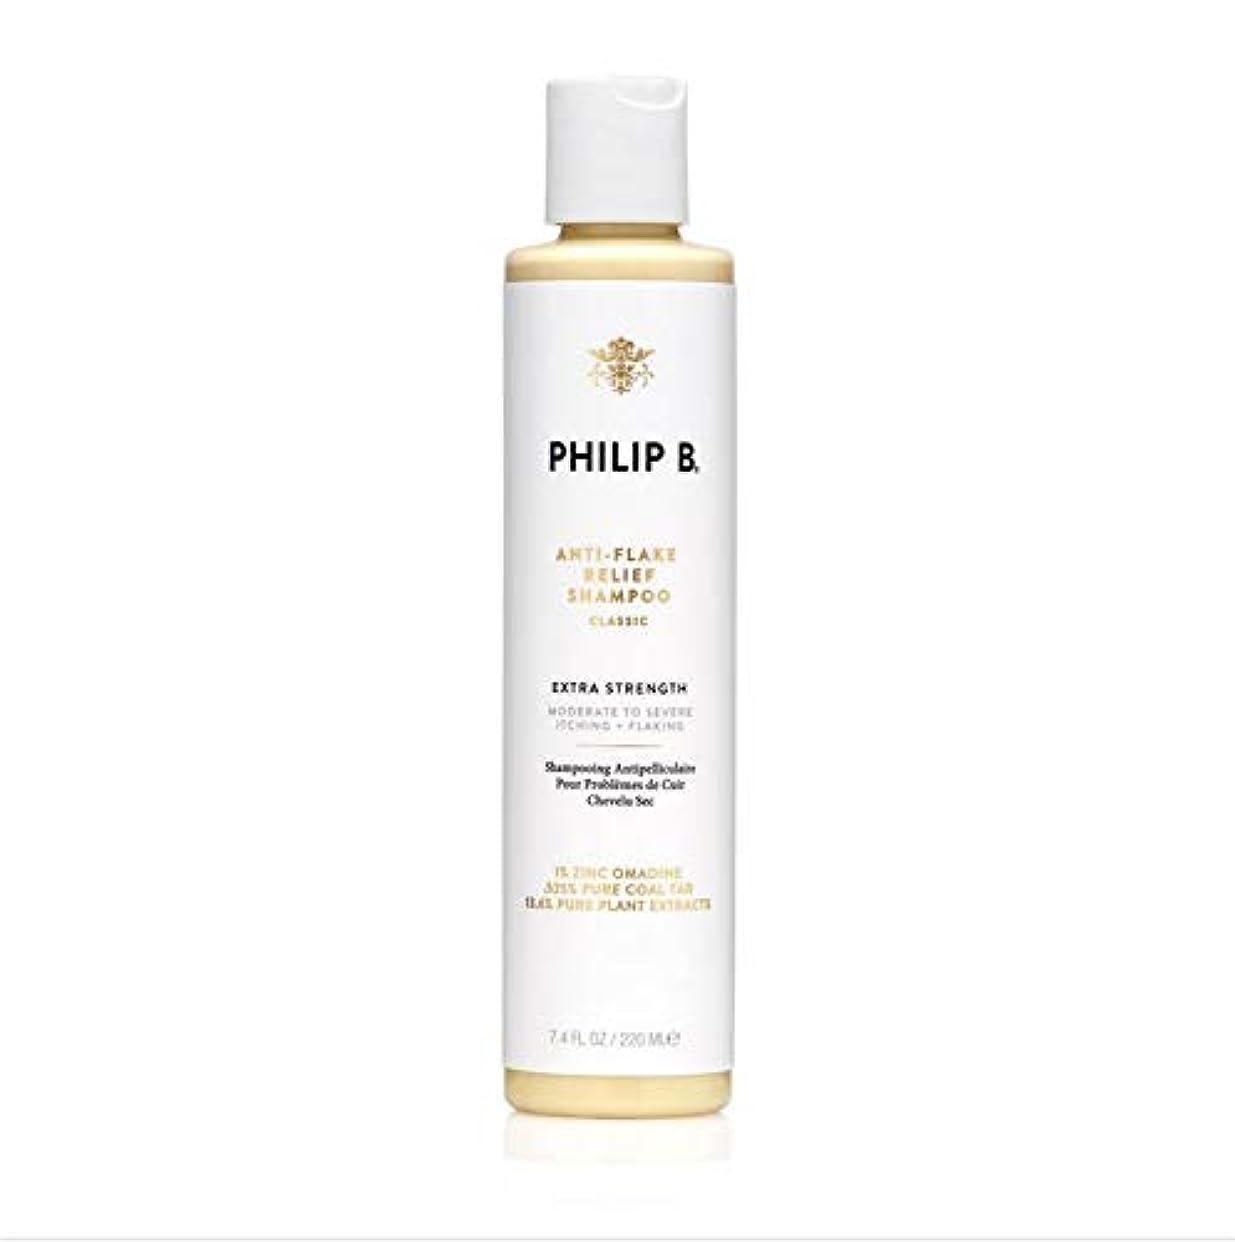 小屋製造親Anti-Flake Relief by Philip B Botanical Products Shampoo 220ml